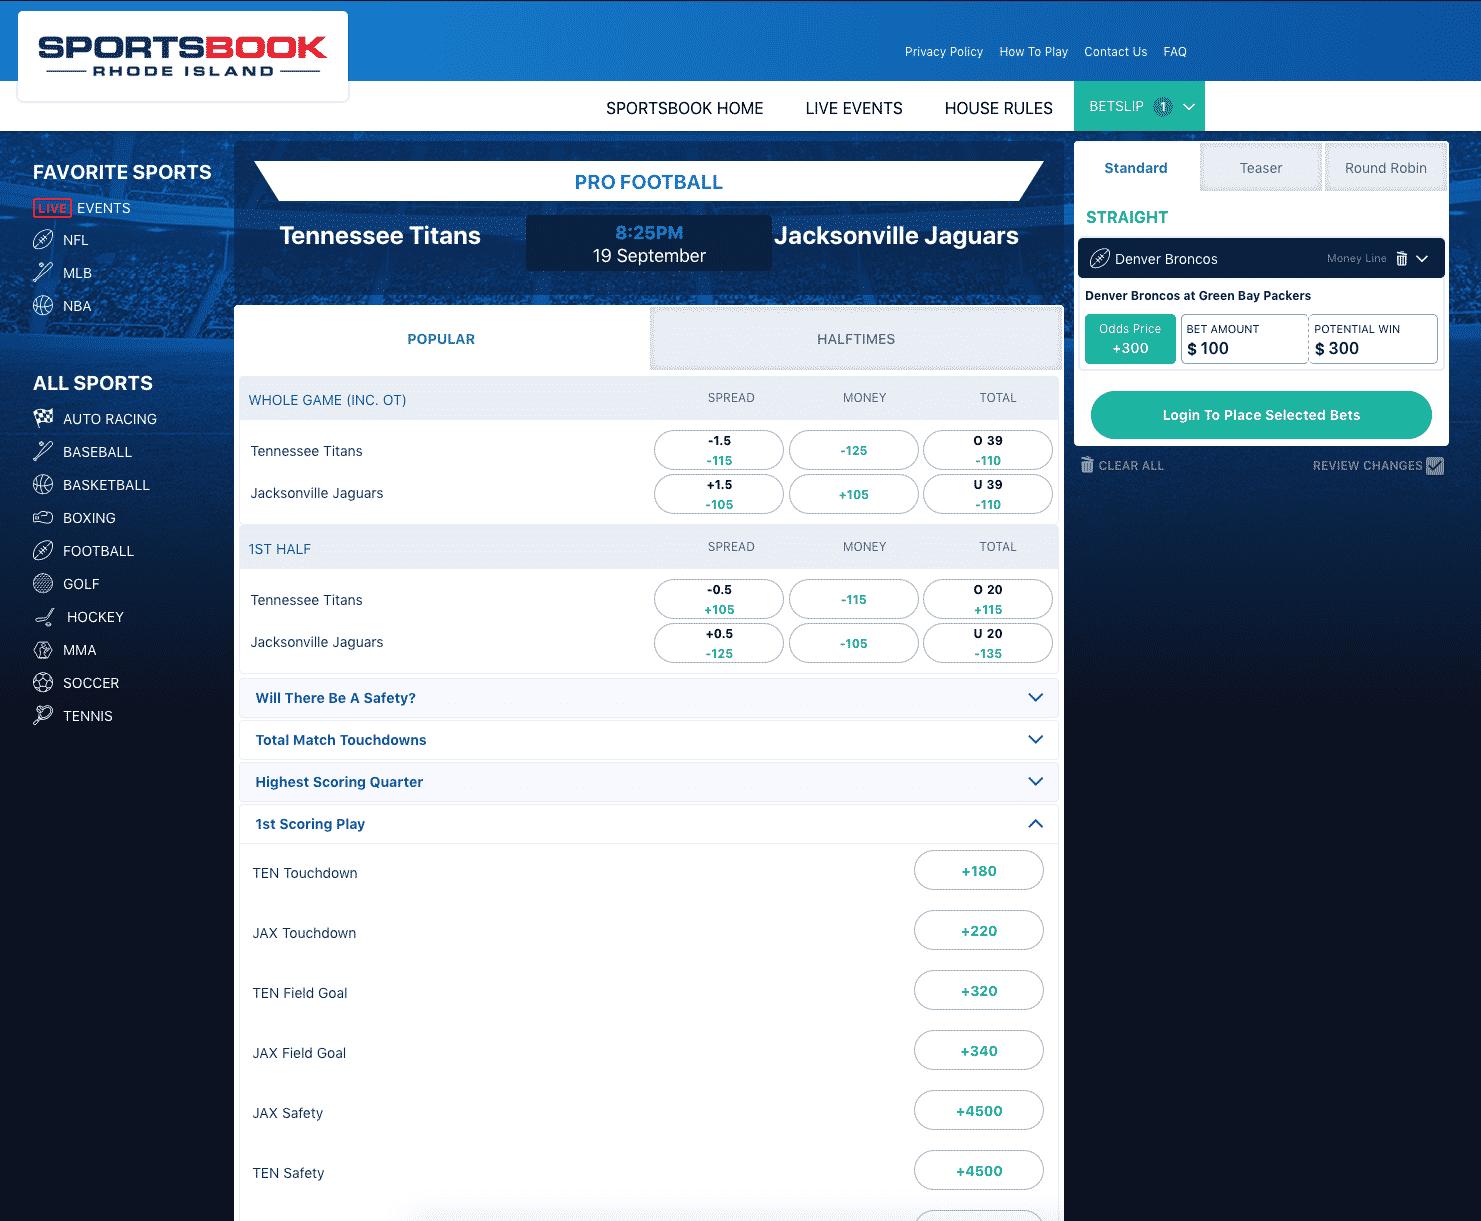 Sportsbook RI NFL markets